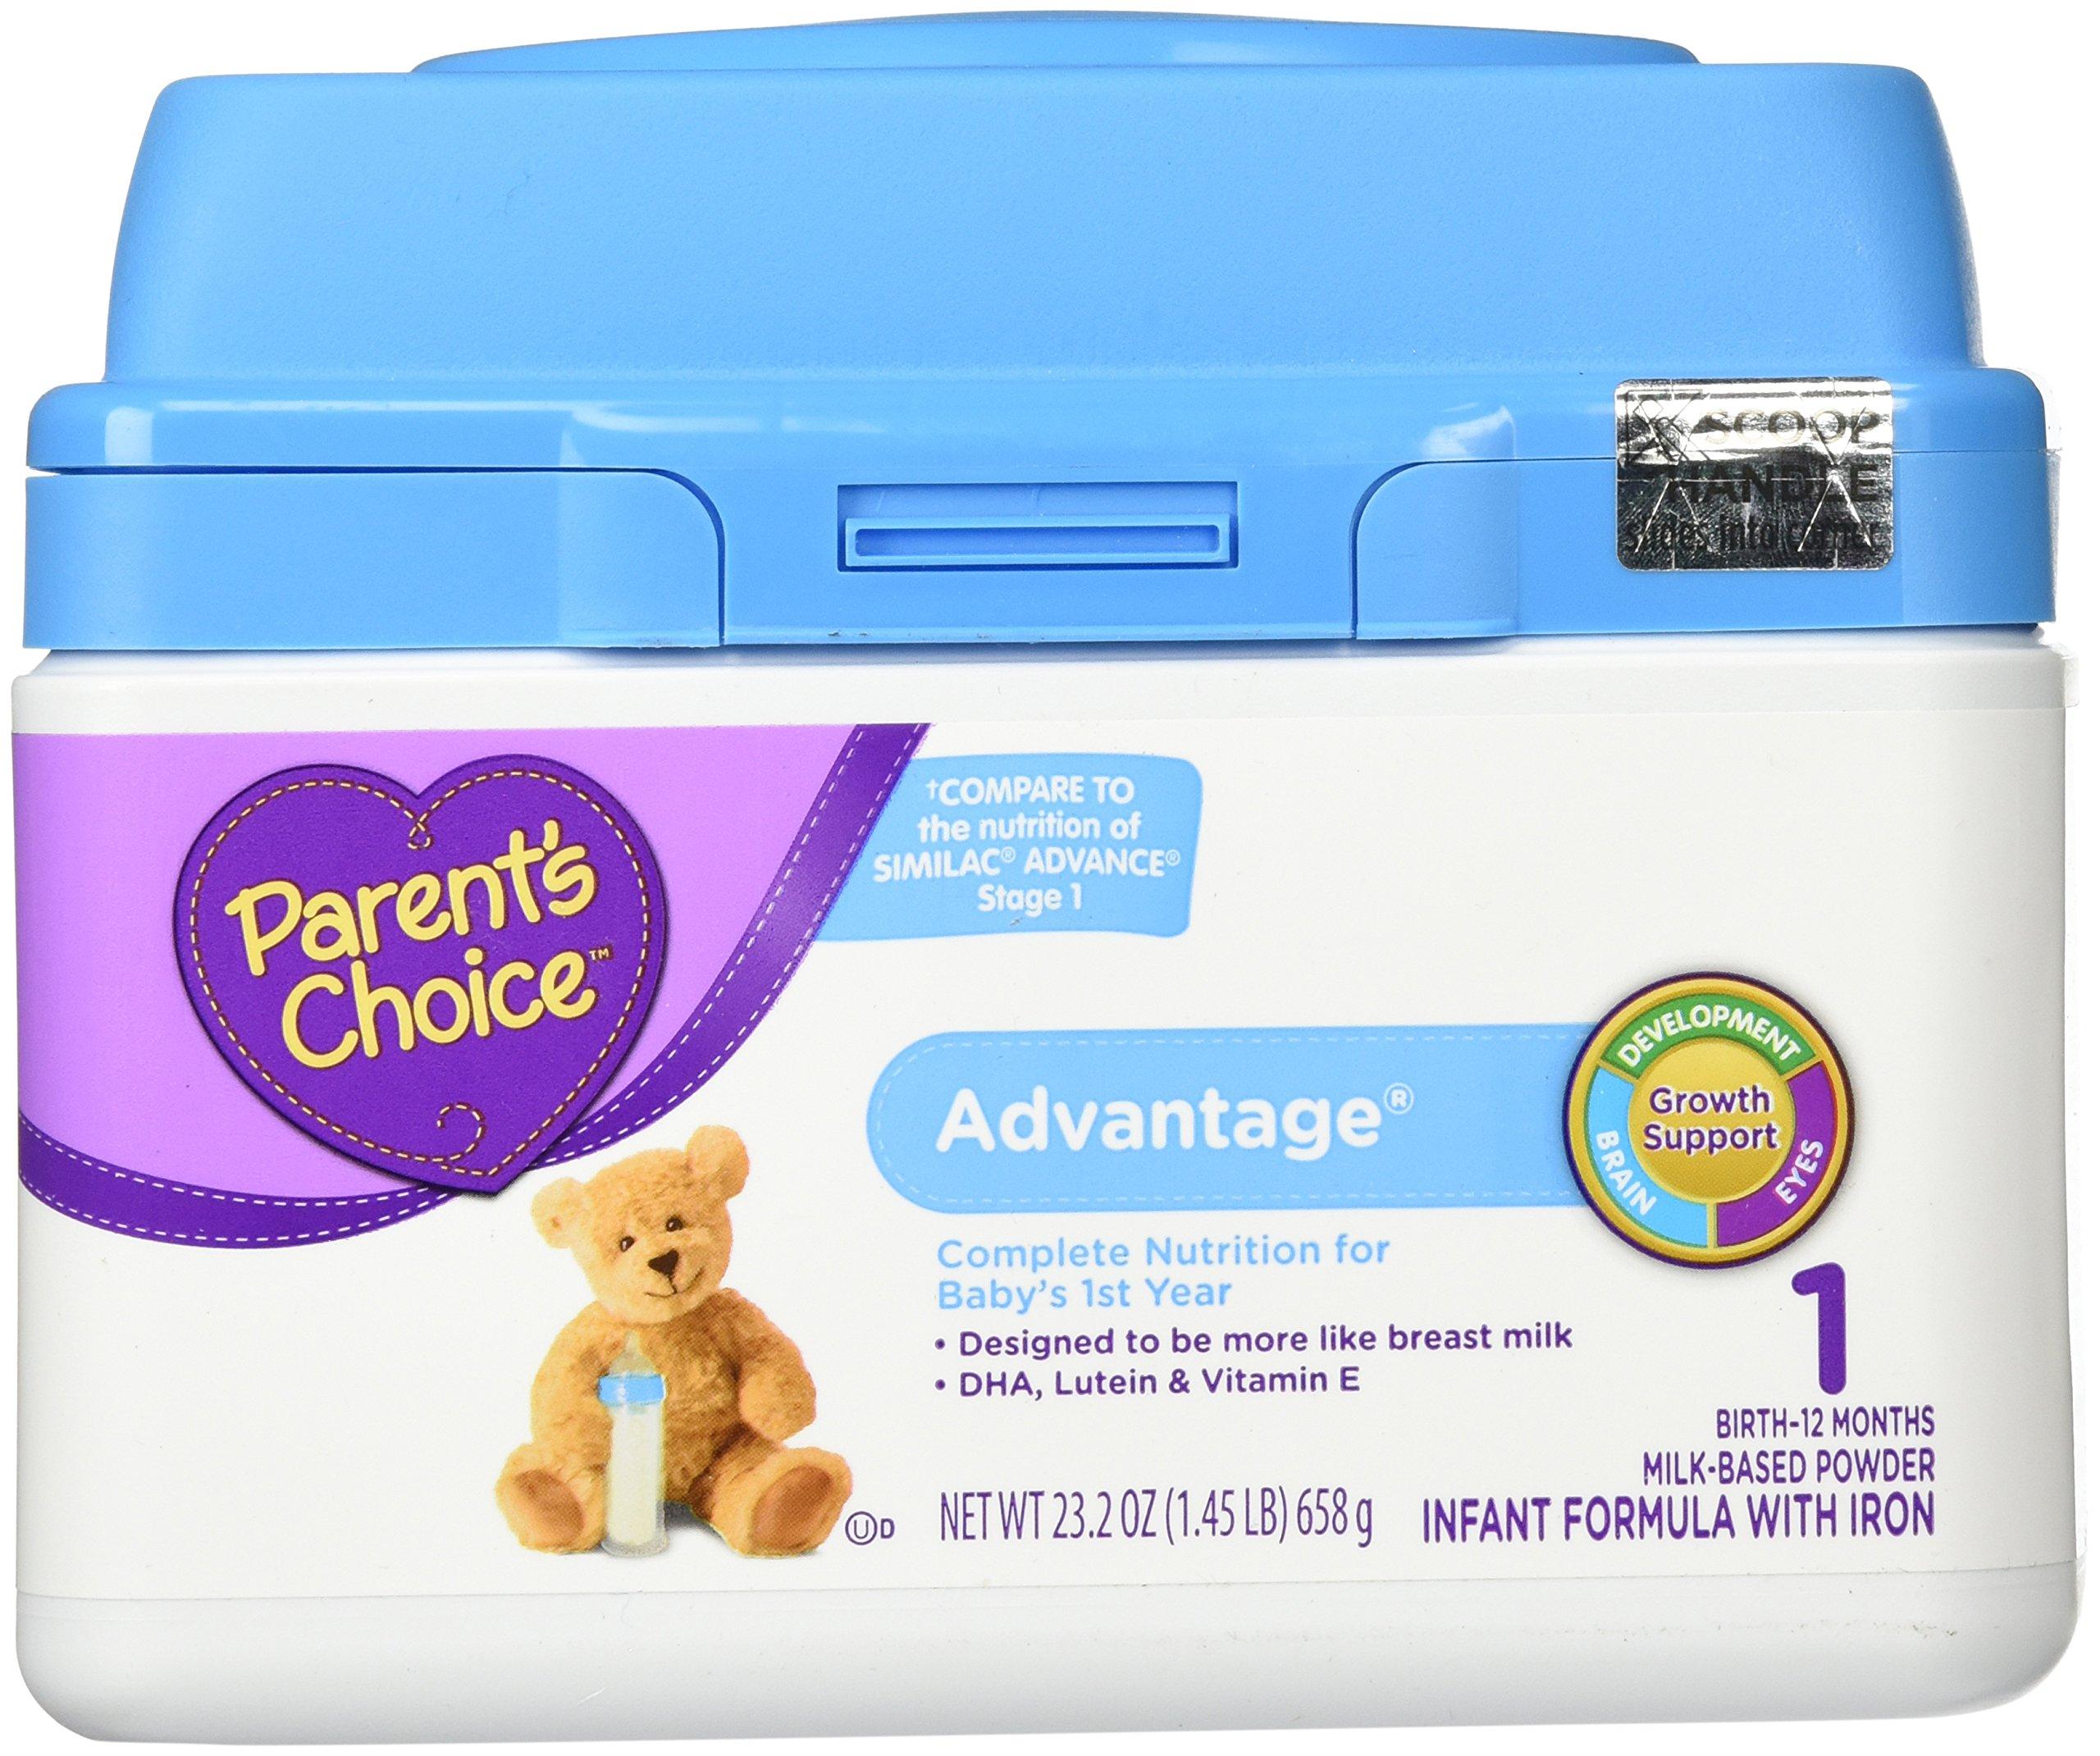 Parents Choice Infant Formula Advantage